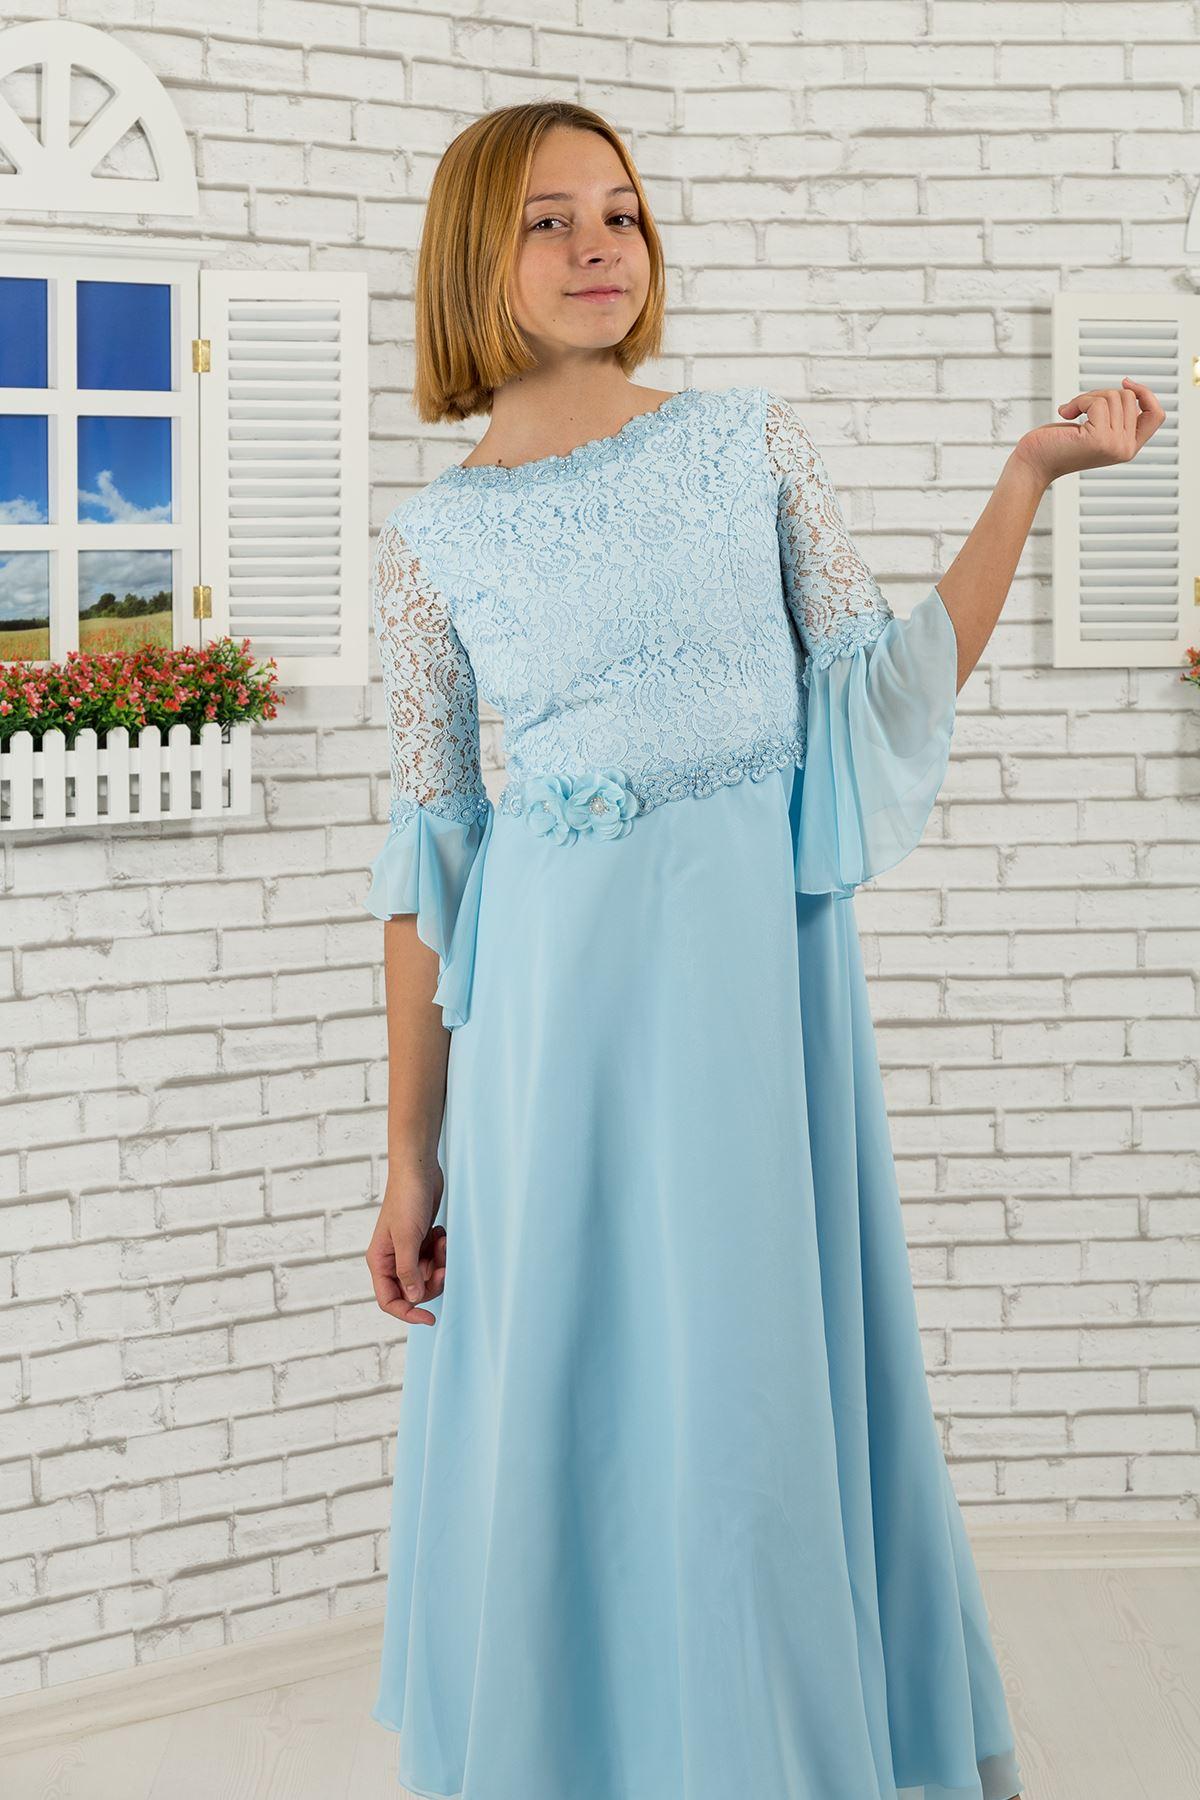 Mädchen Abendkleid mit Spitzenkörper und Ärmeln, Blumendetail an der Taille 463 Baby Blue